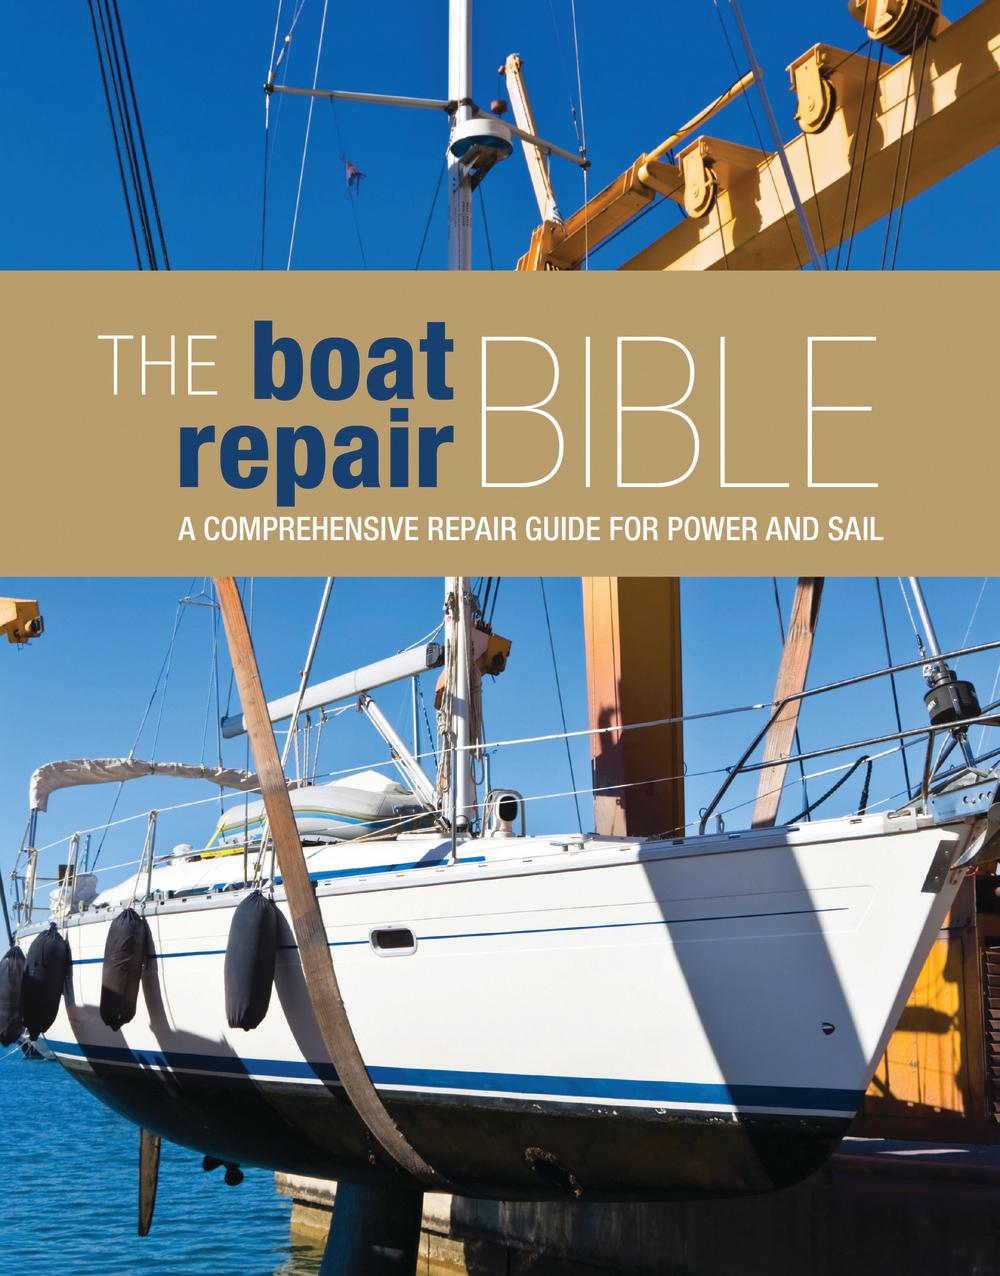 The Boat Repair Bible - Adlard Coles - 9781408133217 - Allen